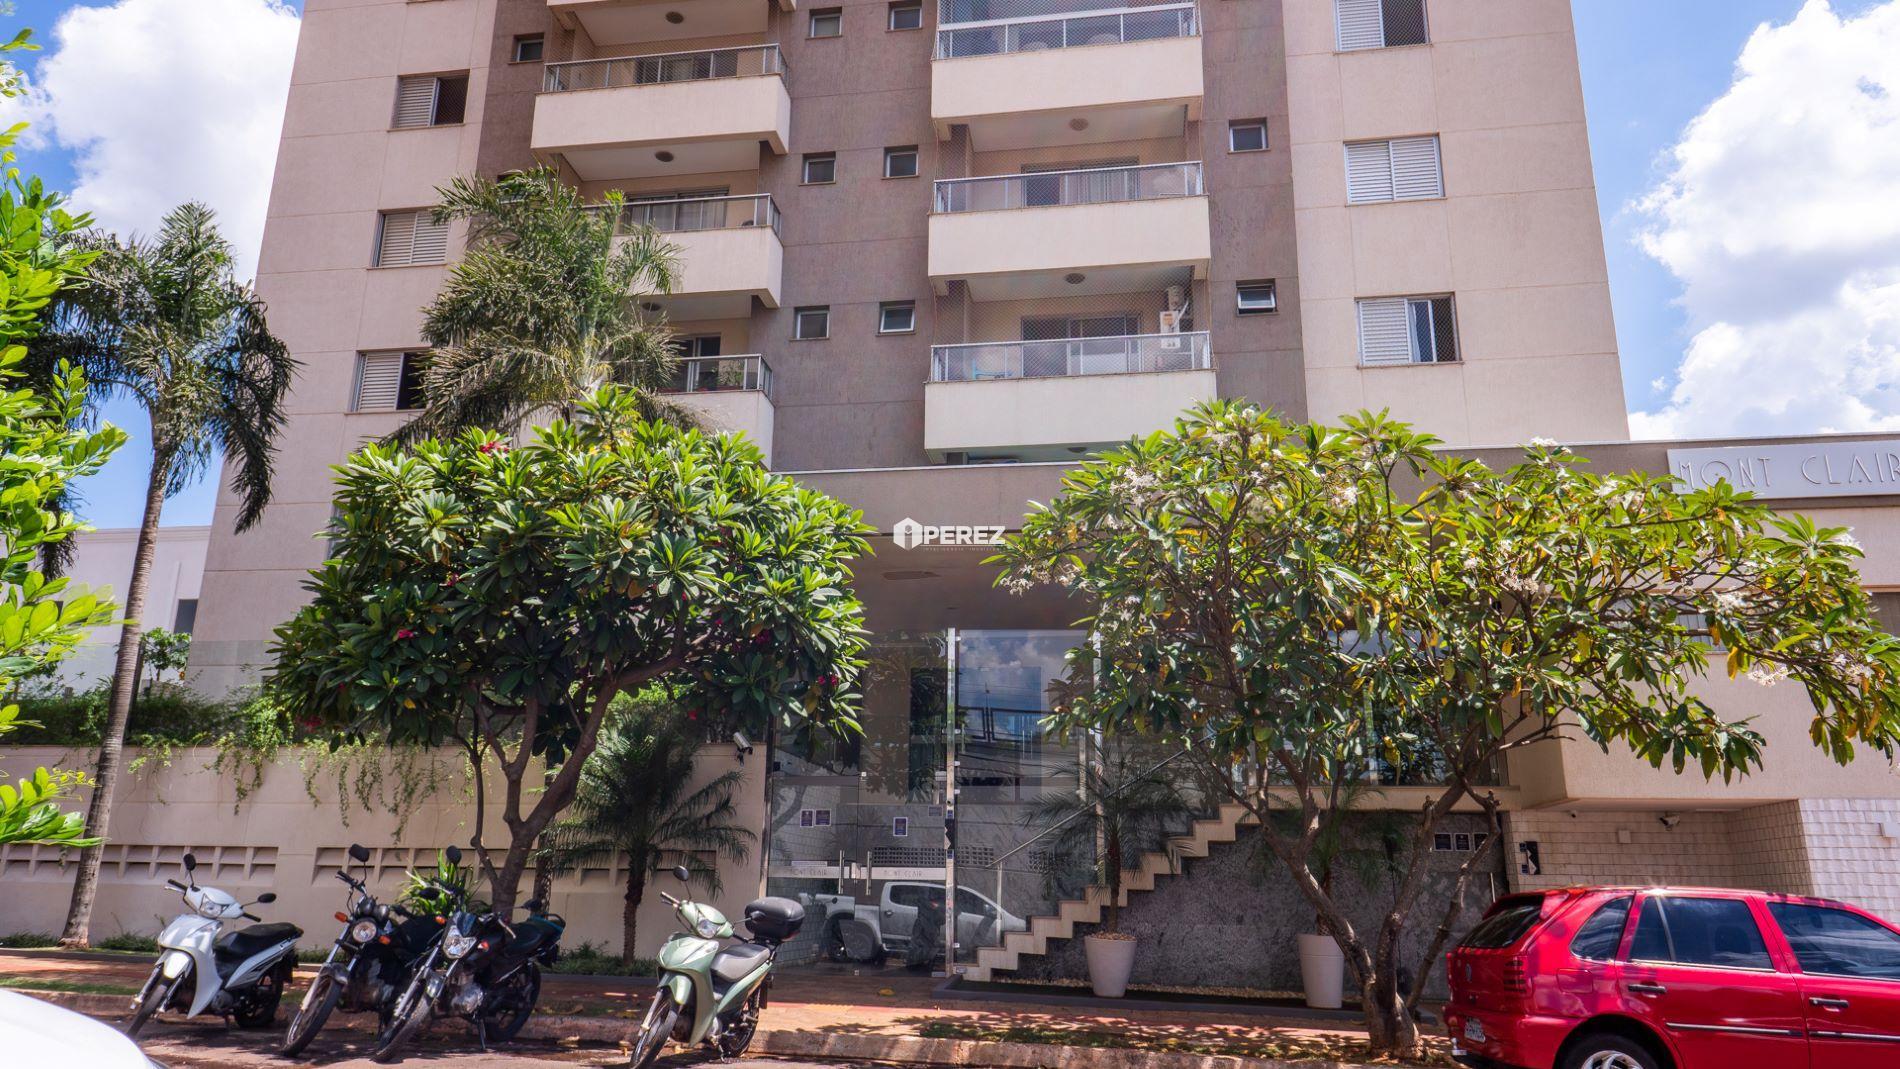 venda-campo-grande-ms-apartamento-das-garcas-centro-perez-imoveis